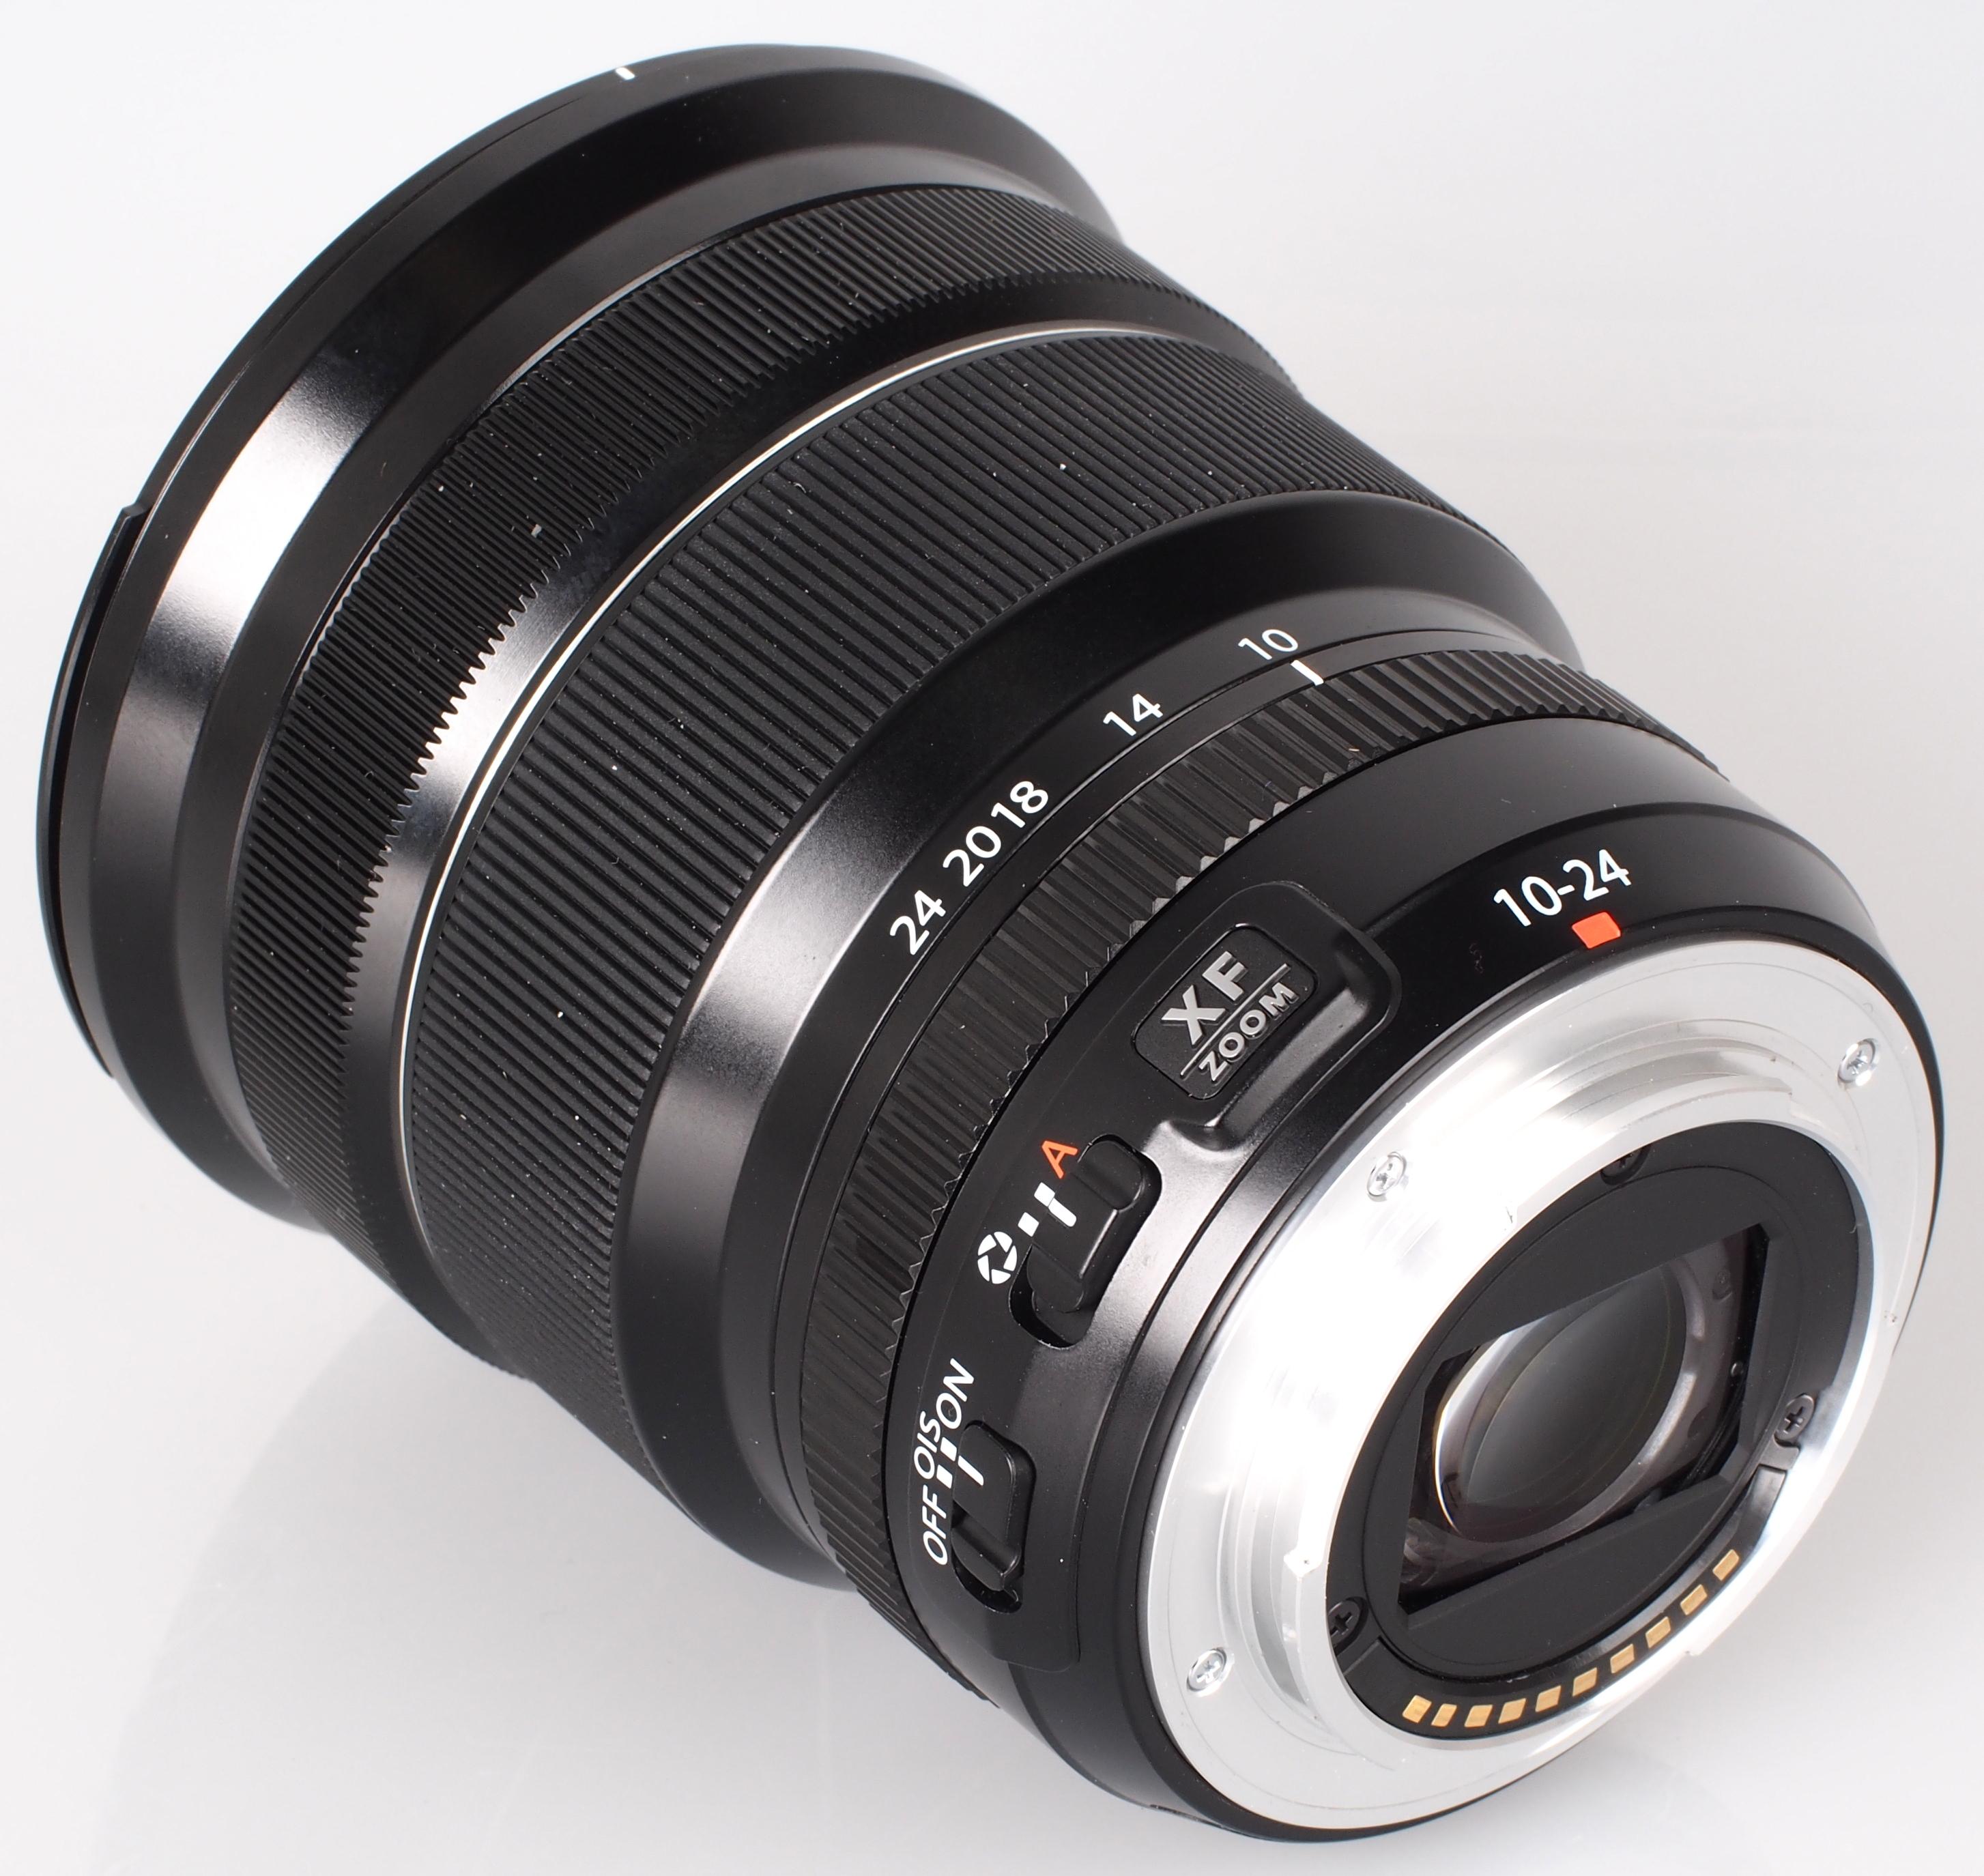 Parasole Metallo 72mm nero per Fujifilm XF 10-24 mm F4 OIS